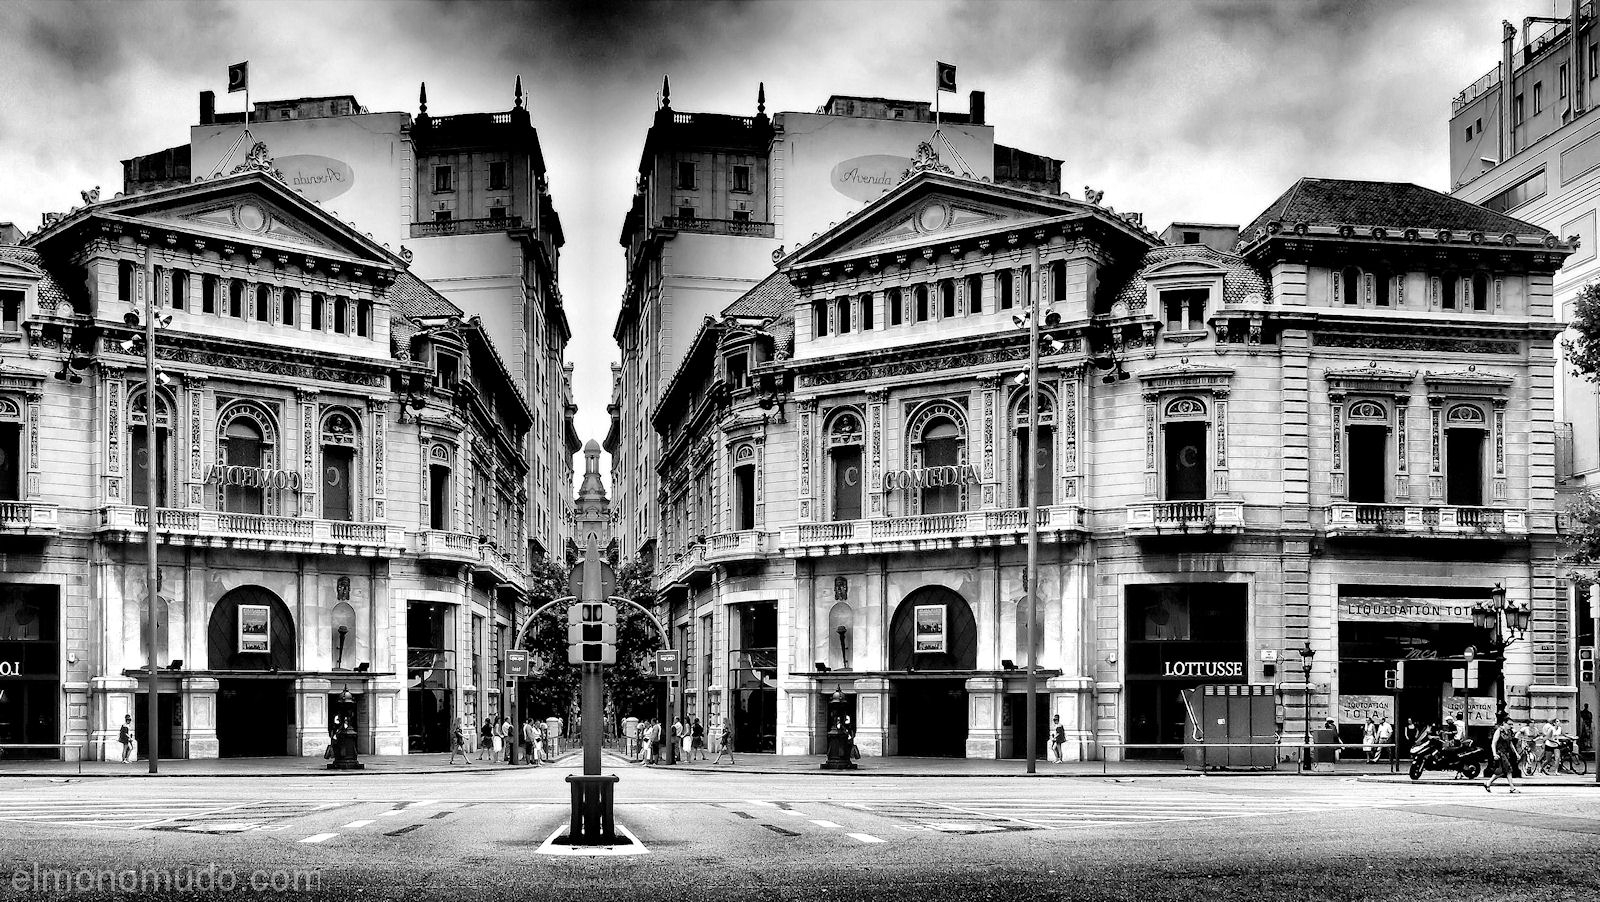 comedia-cine-barcelona-deconstruccion-03